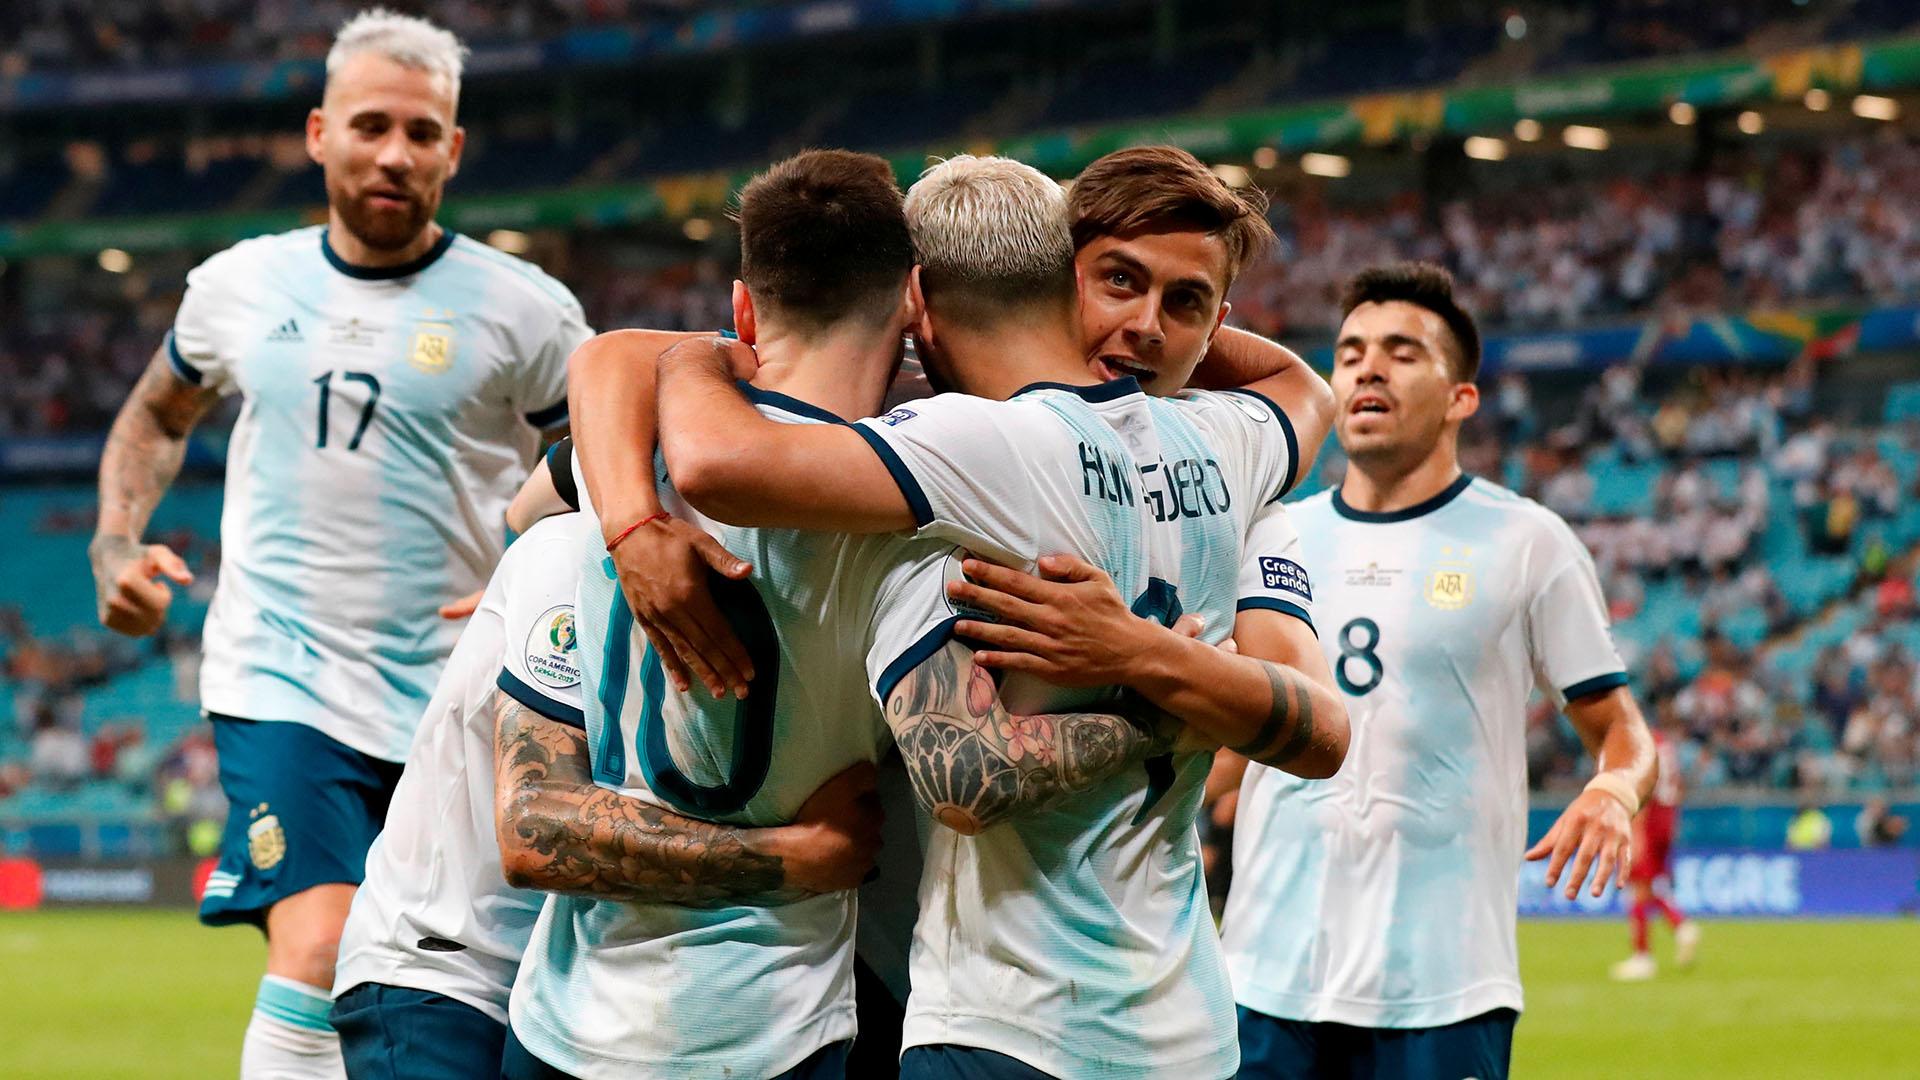 La victoria no solo metió a Argentina en cuartos sino que dio indicios de que el plantel se recuperó tras dos malas presentaciones